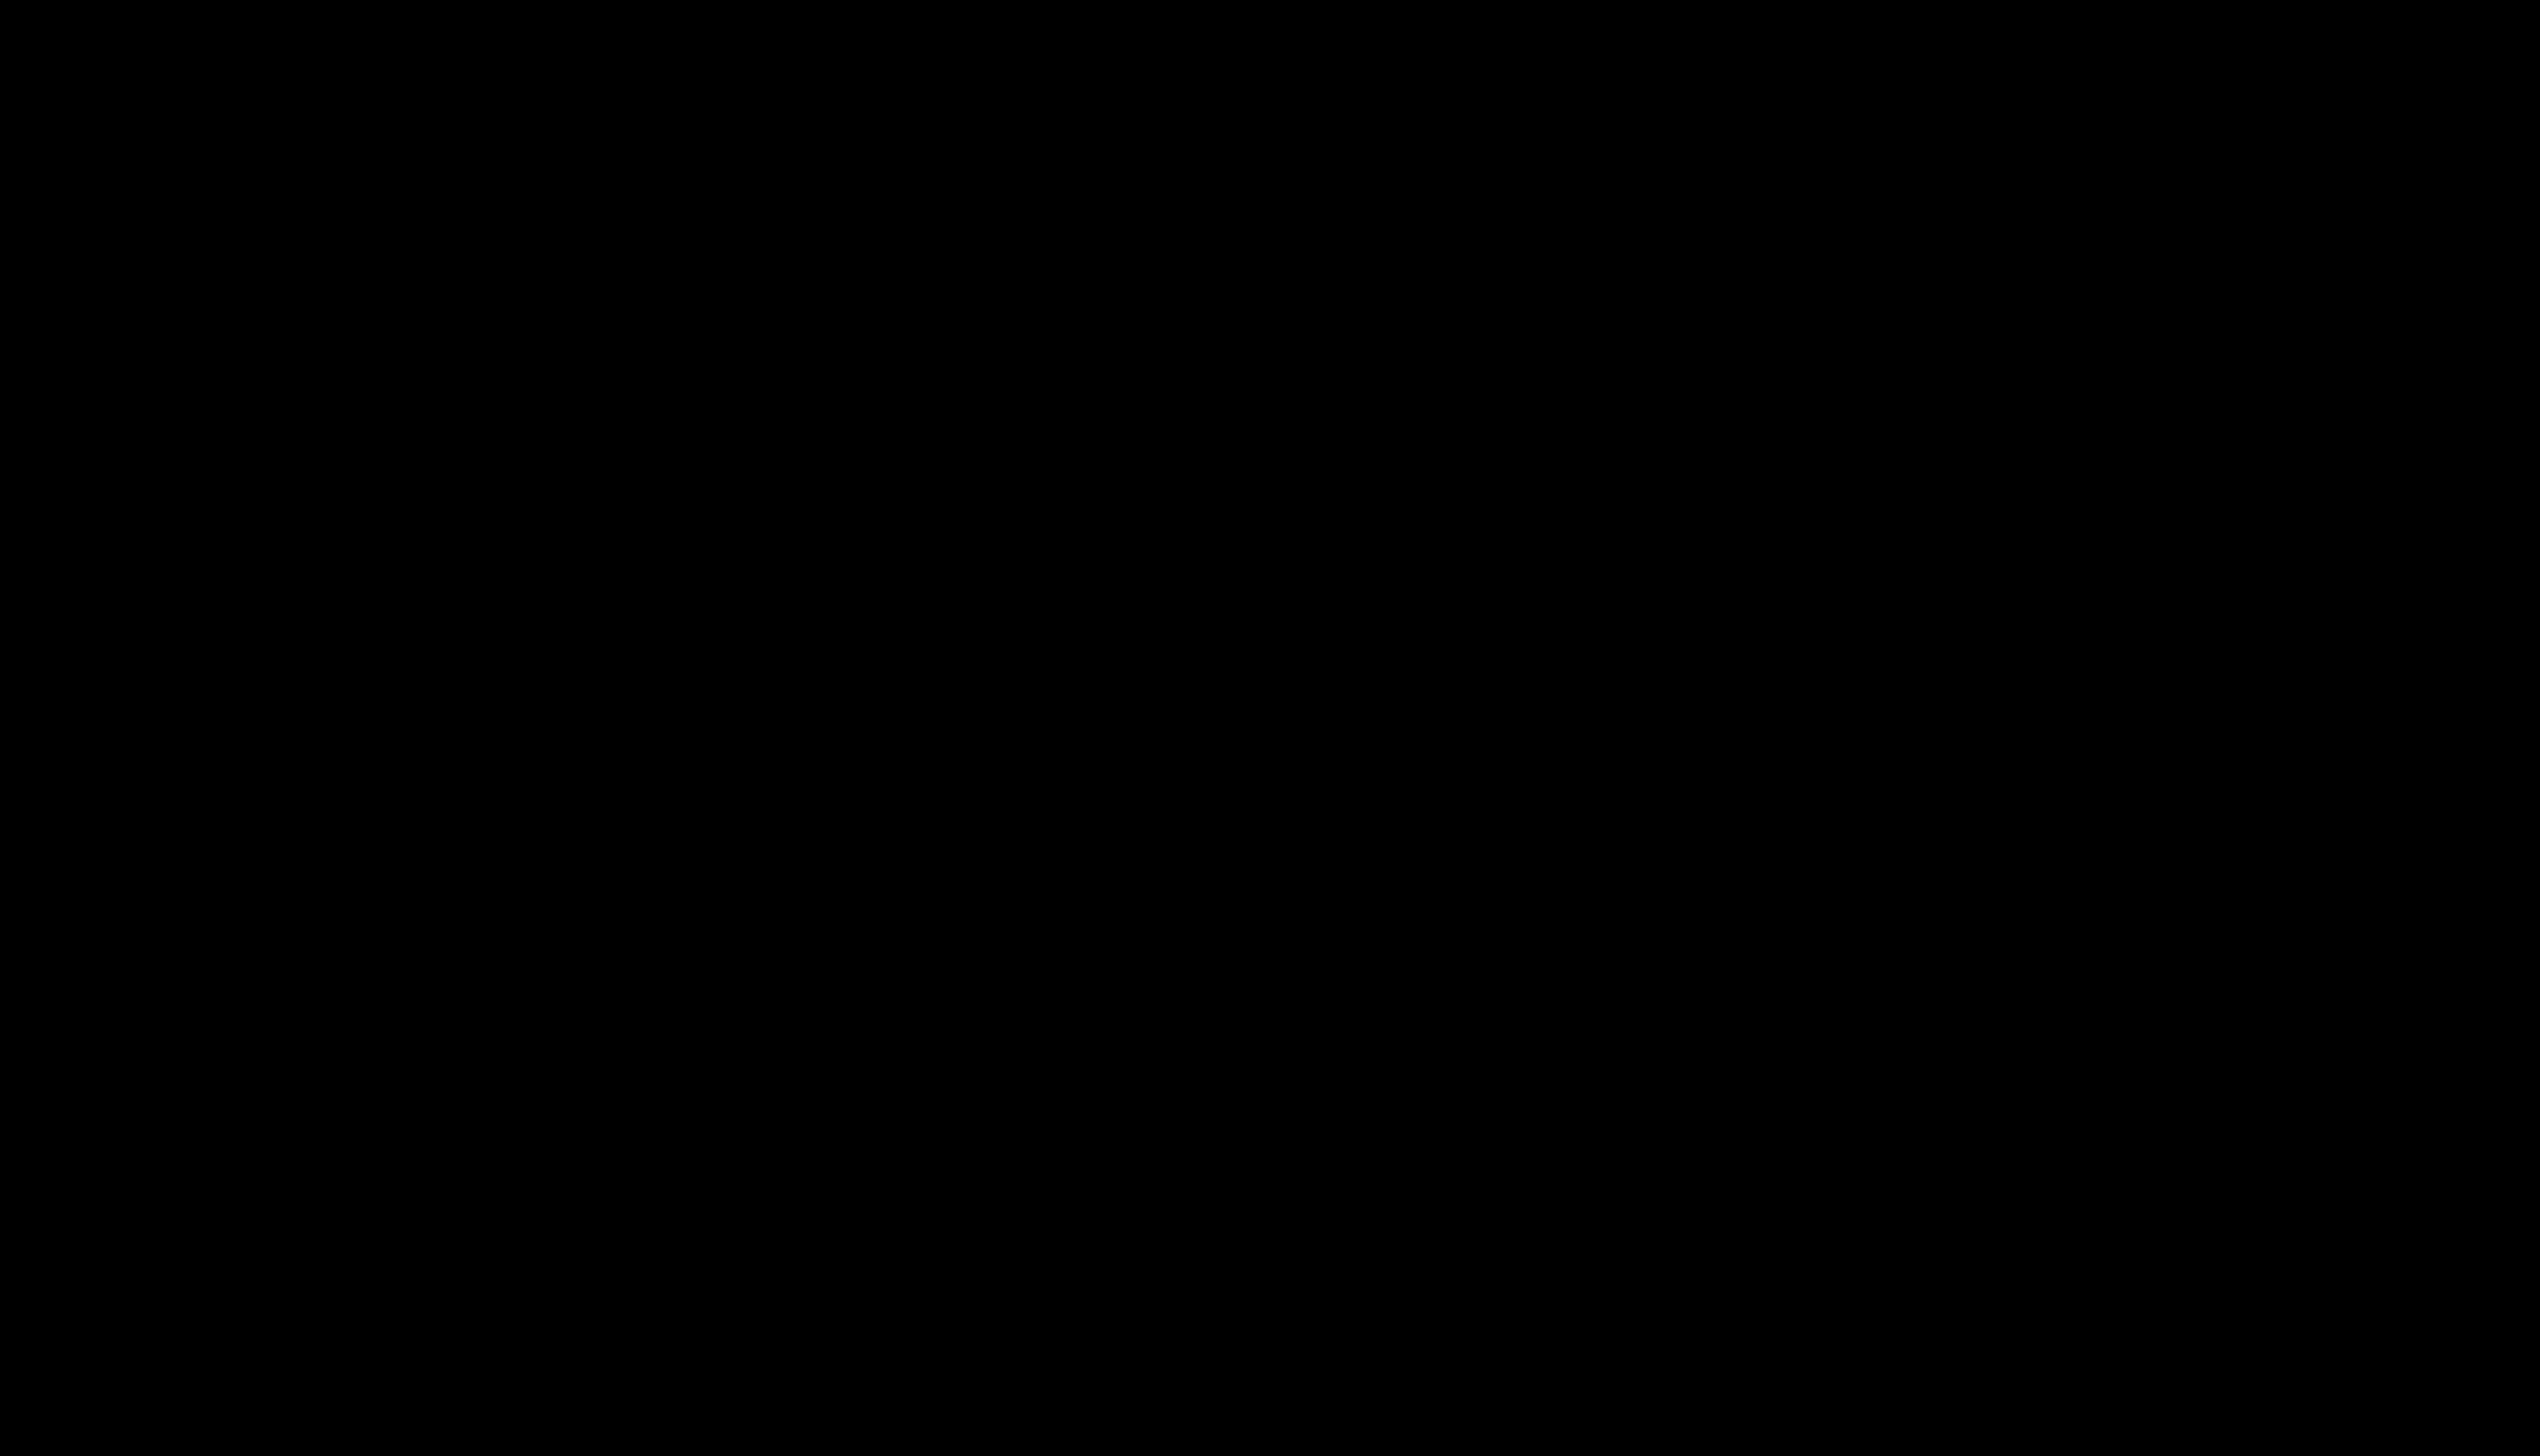 CSSで透明にするopacityとrgbaを使い分けよう!